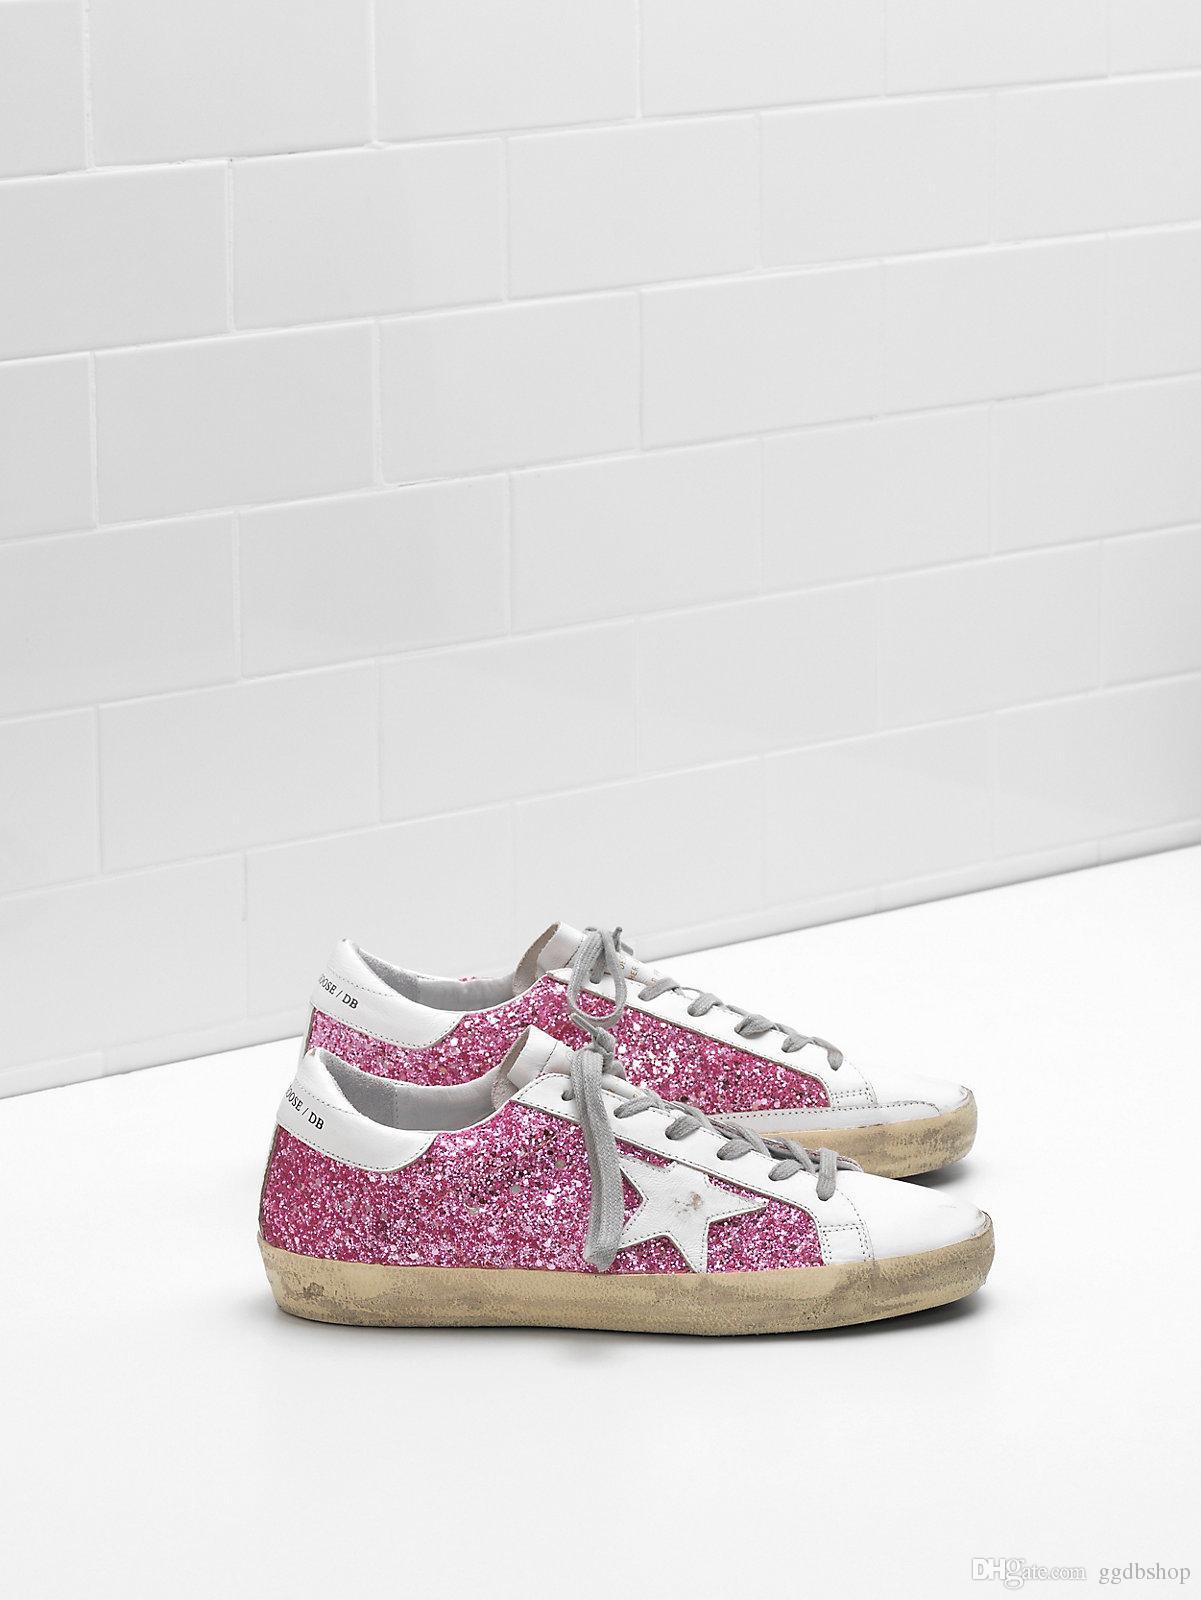 sneakers saldi online